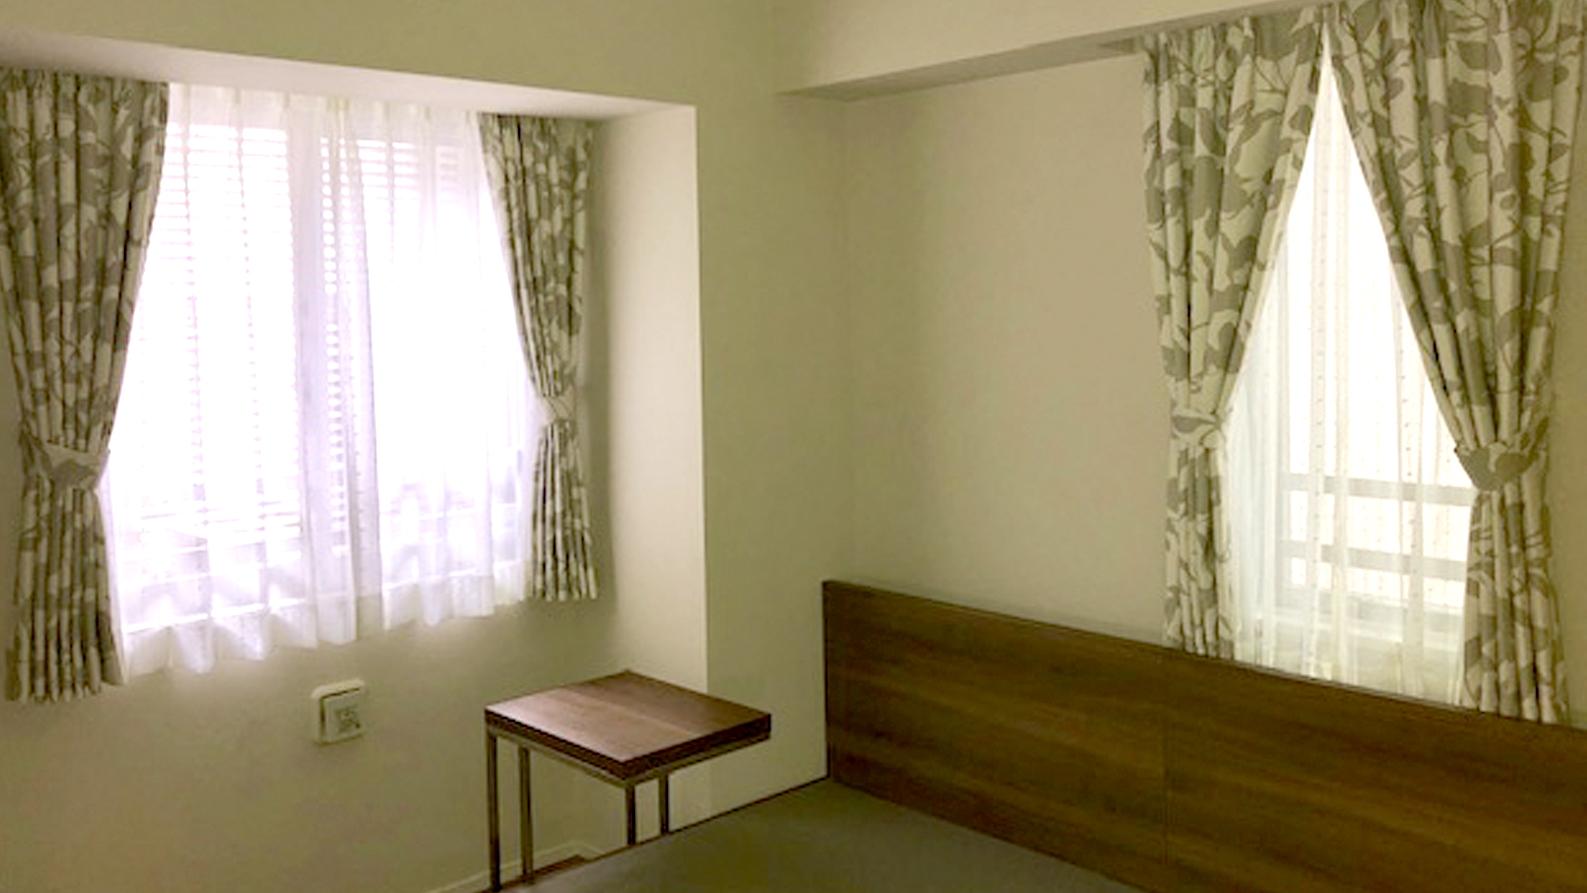 グレーのやさしい模様のカーテンでシックな寝室